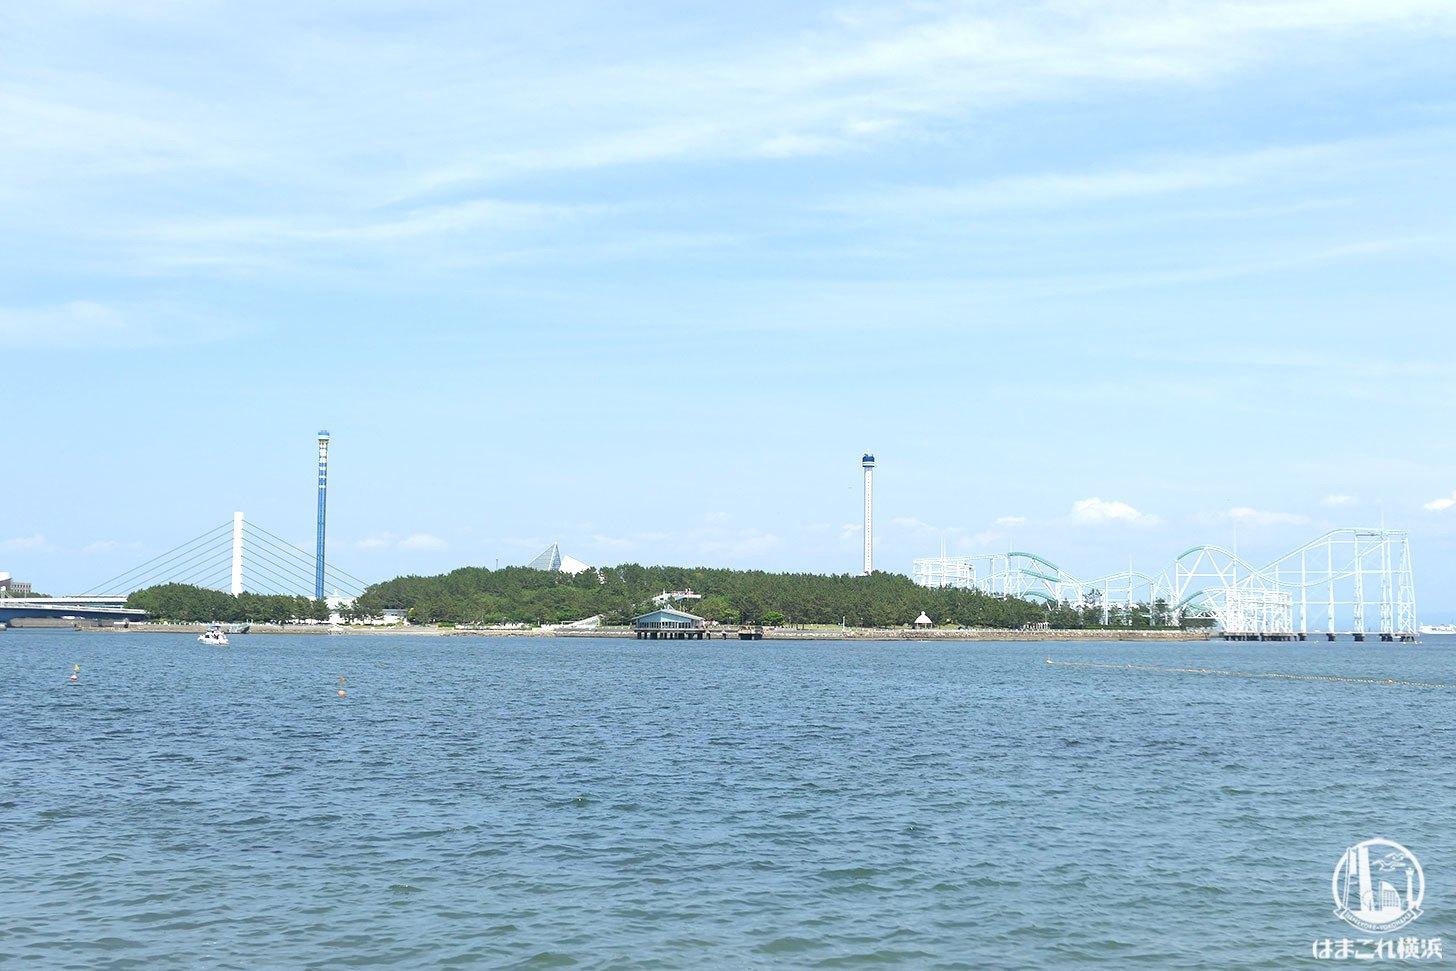 アド街ック天国「横浜八景島」に登場したグルメやスポットまとめ